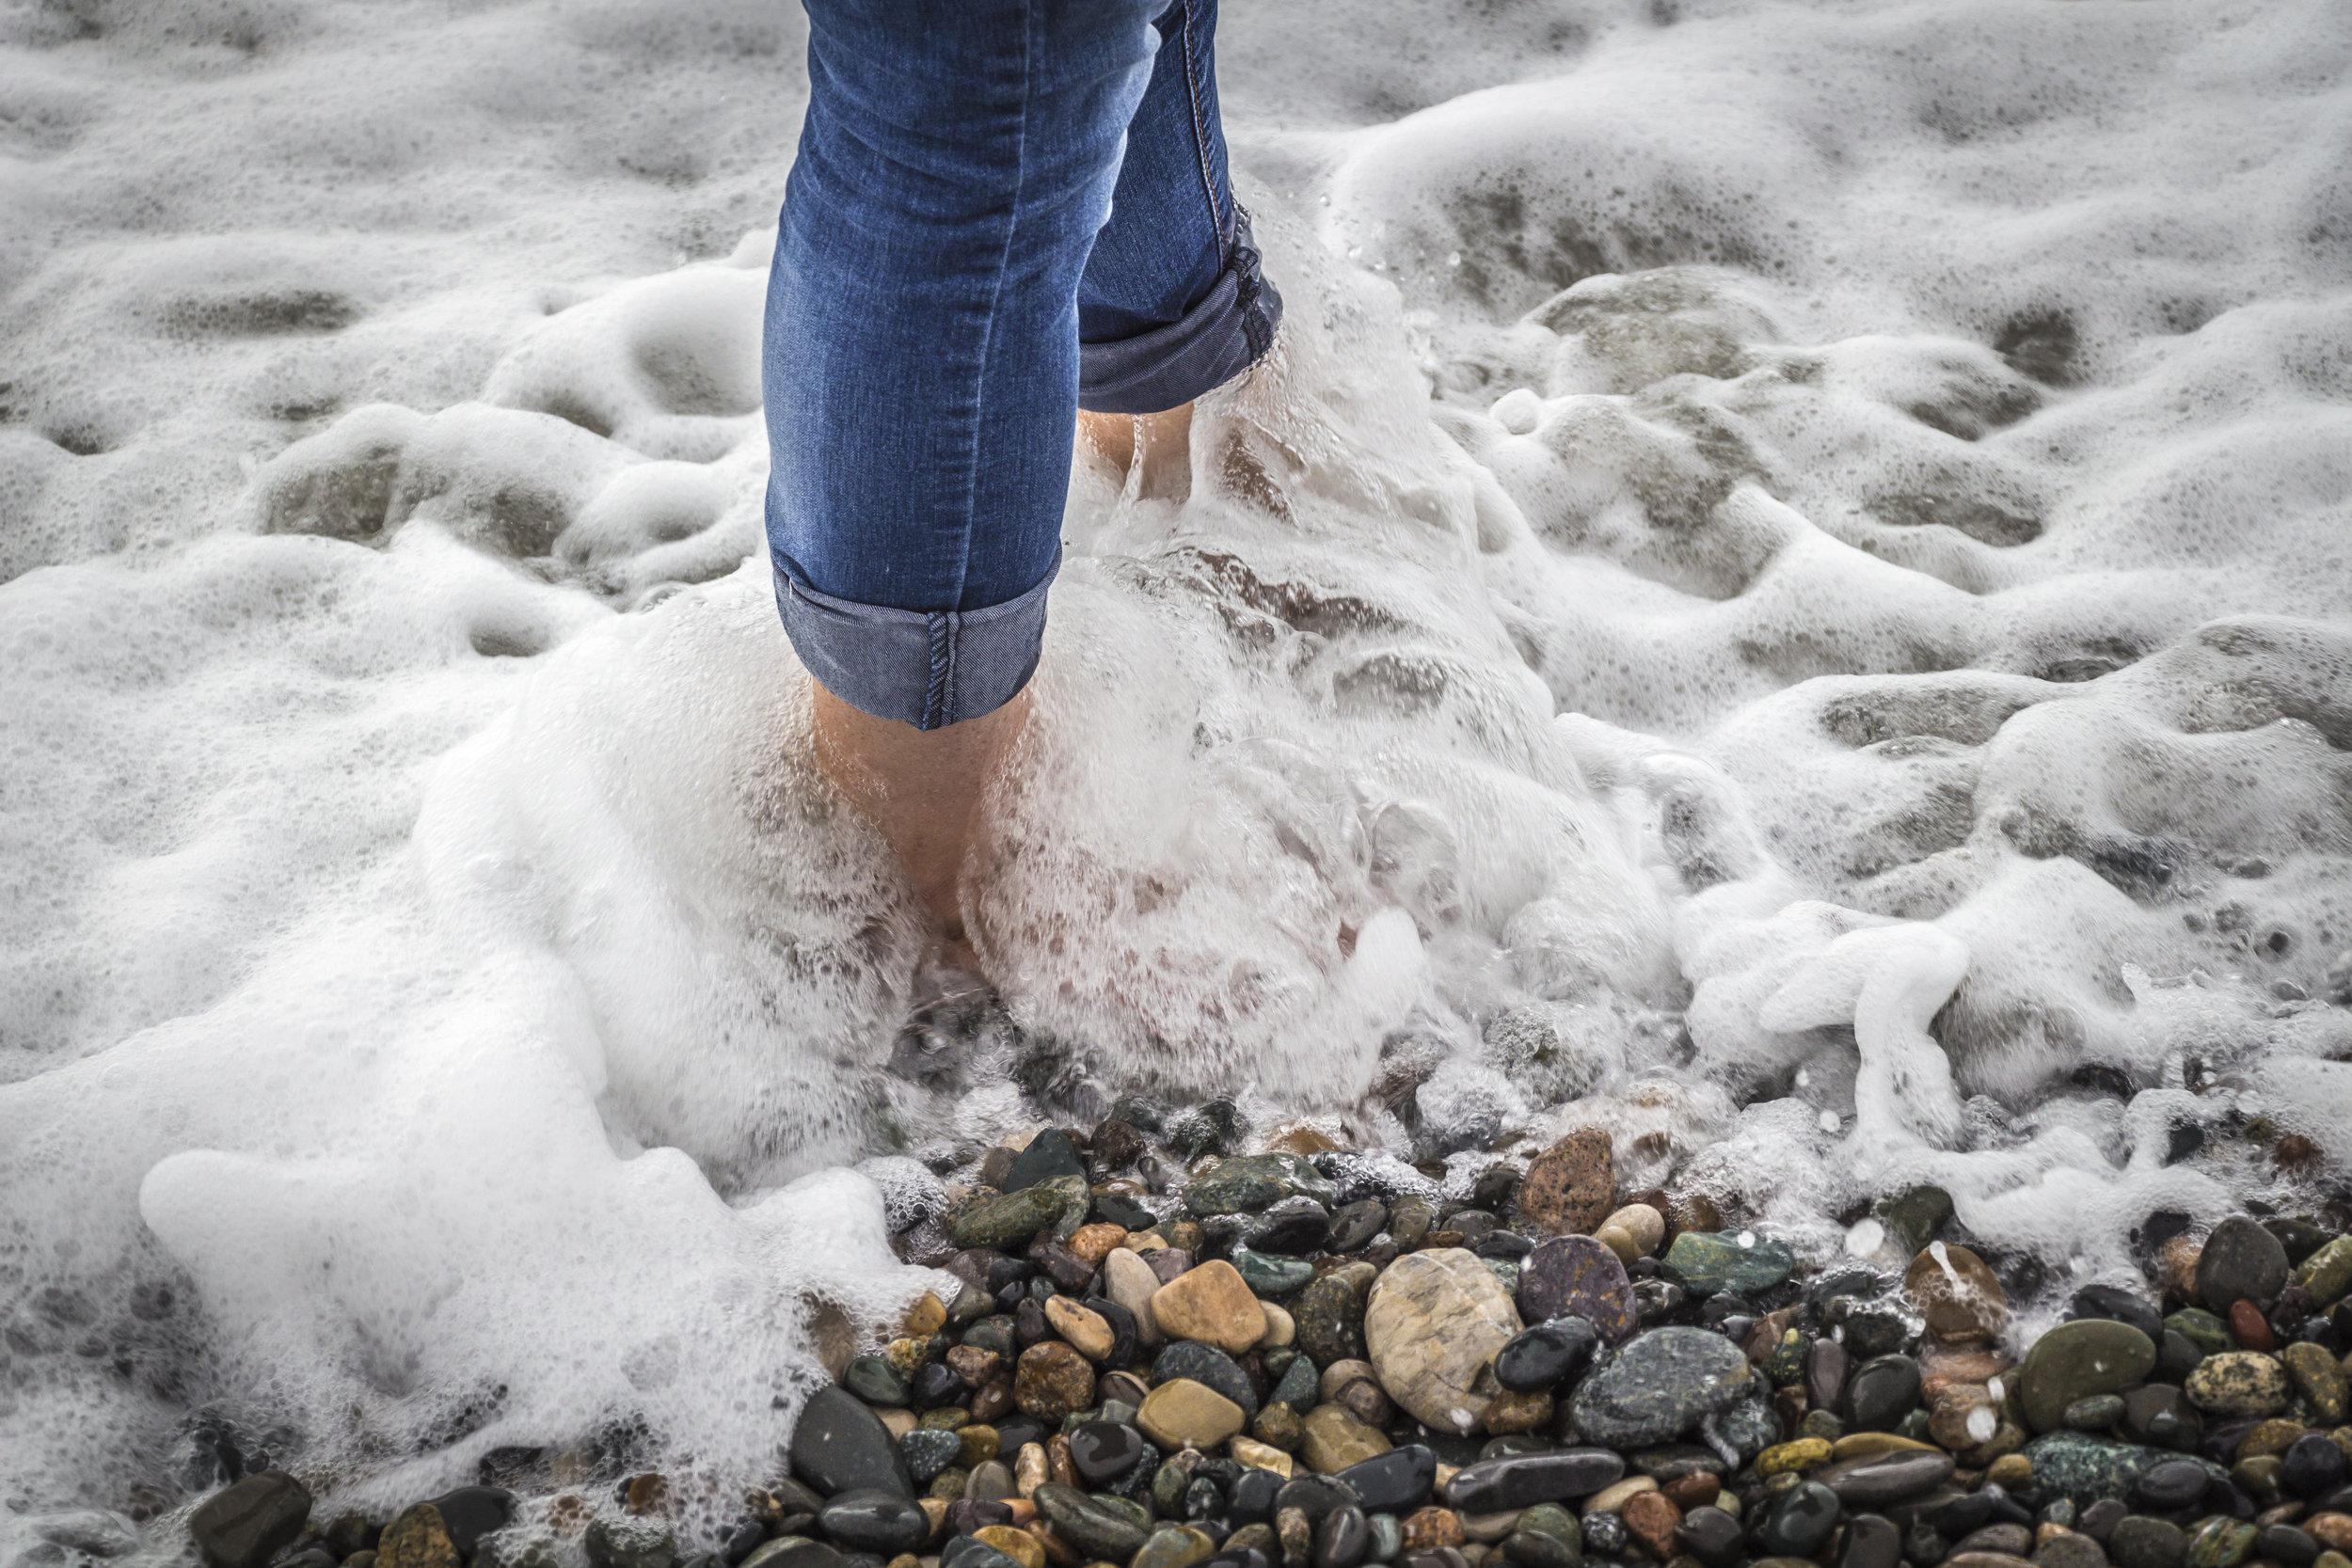 Feet-in-the-water-858481404_5184x3456.jpeg